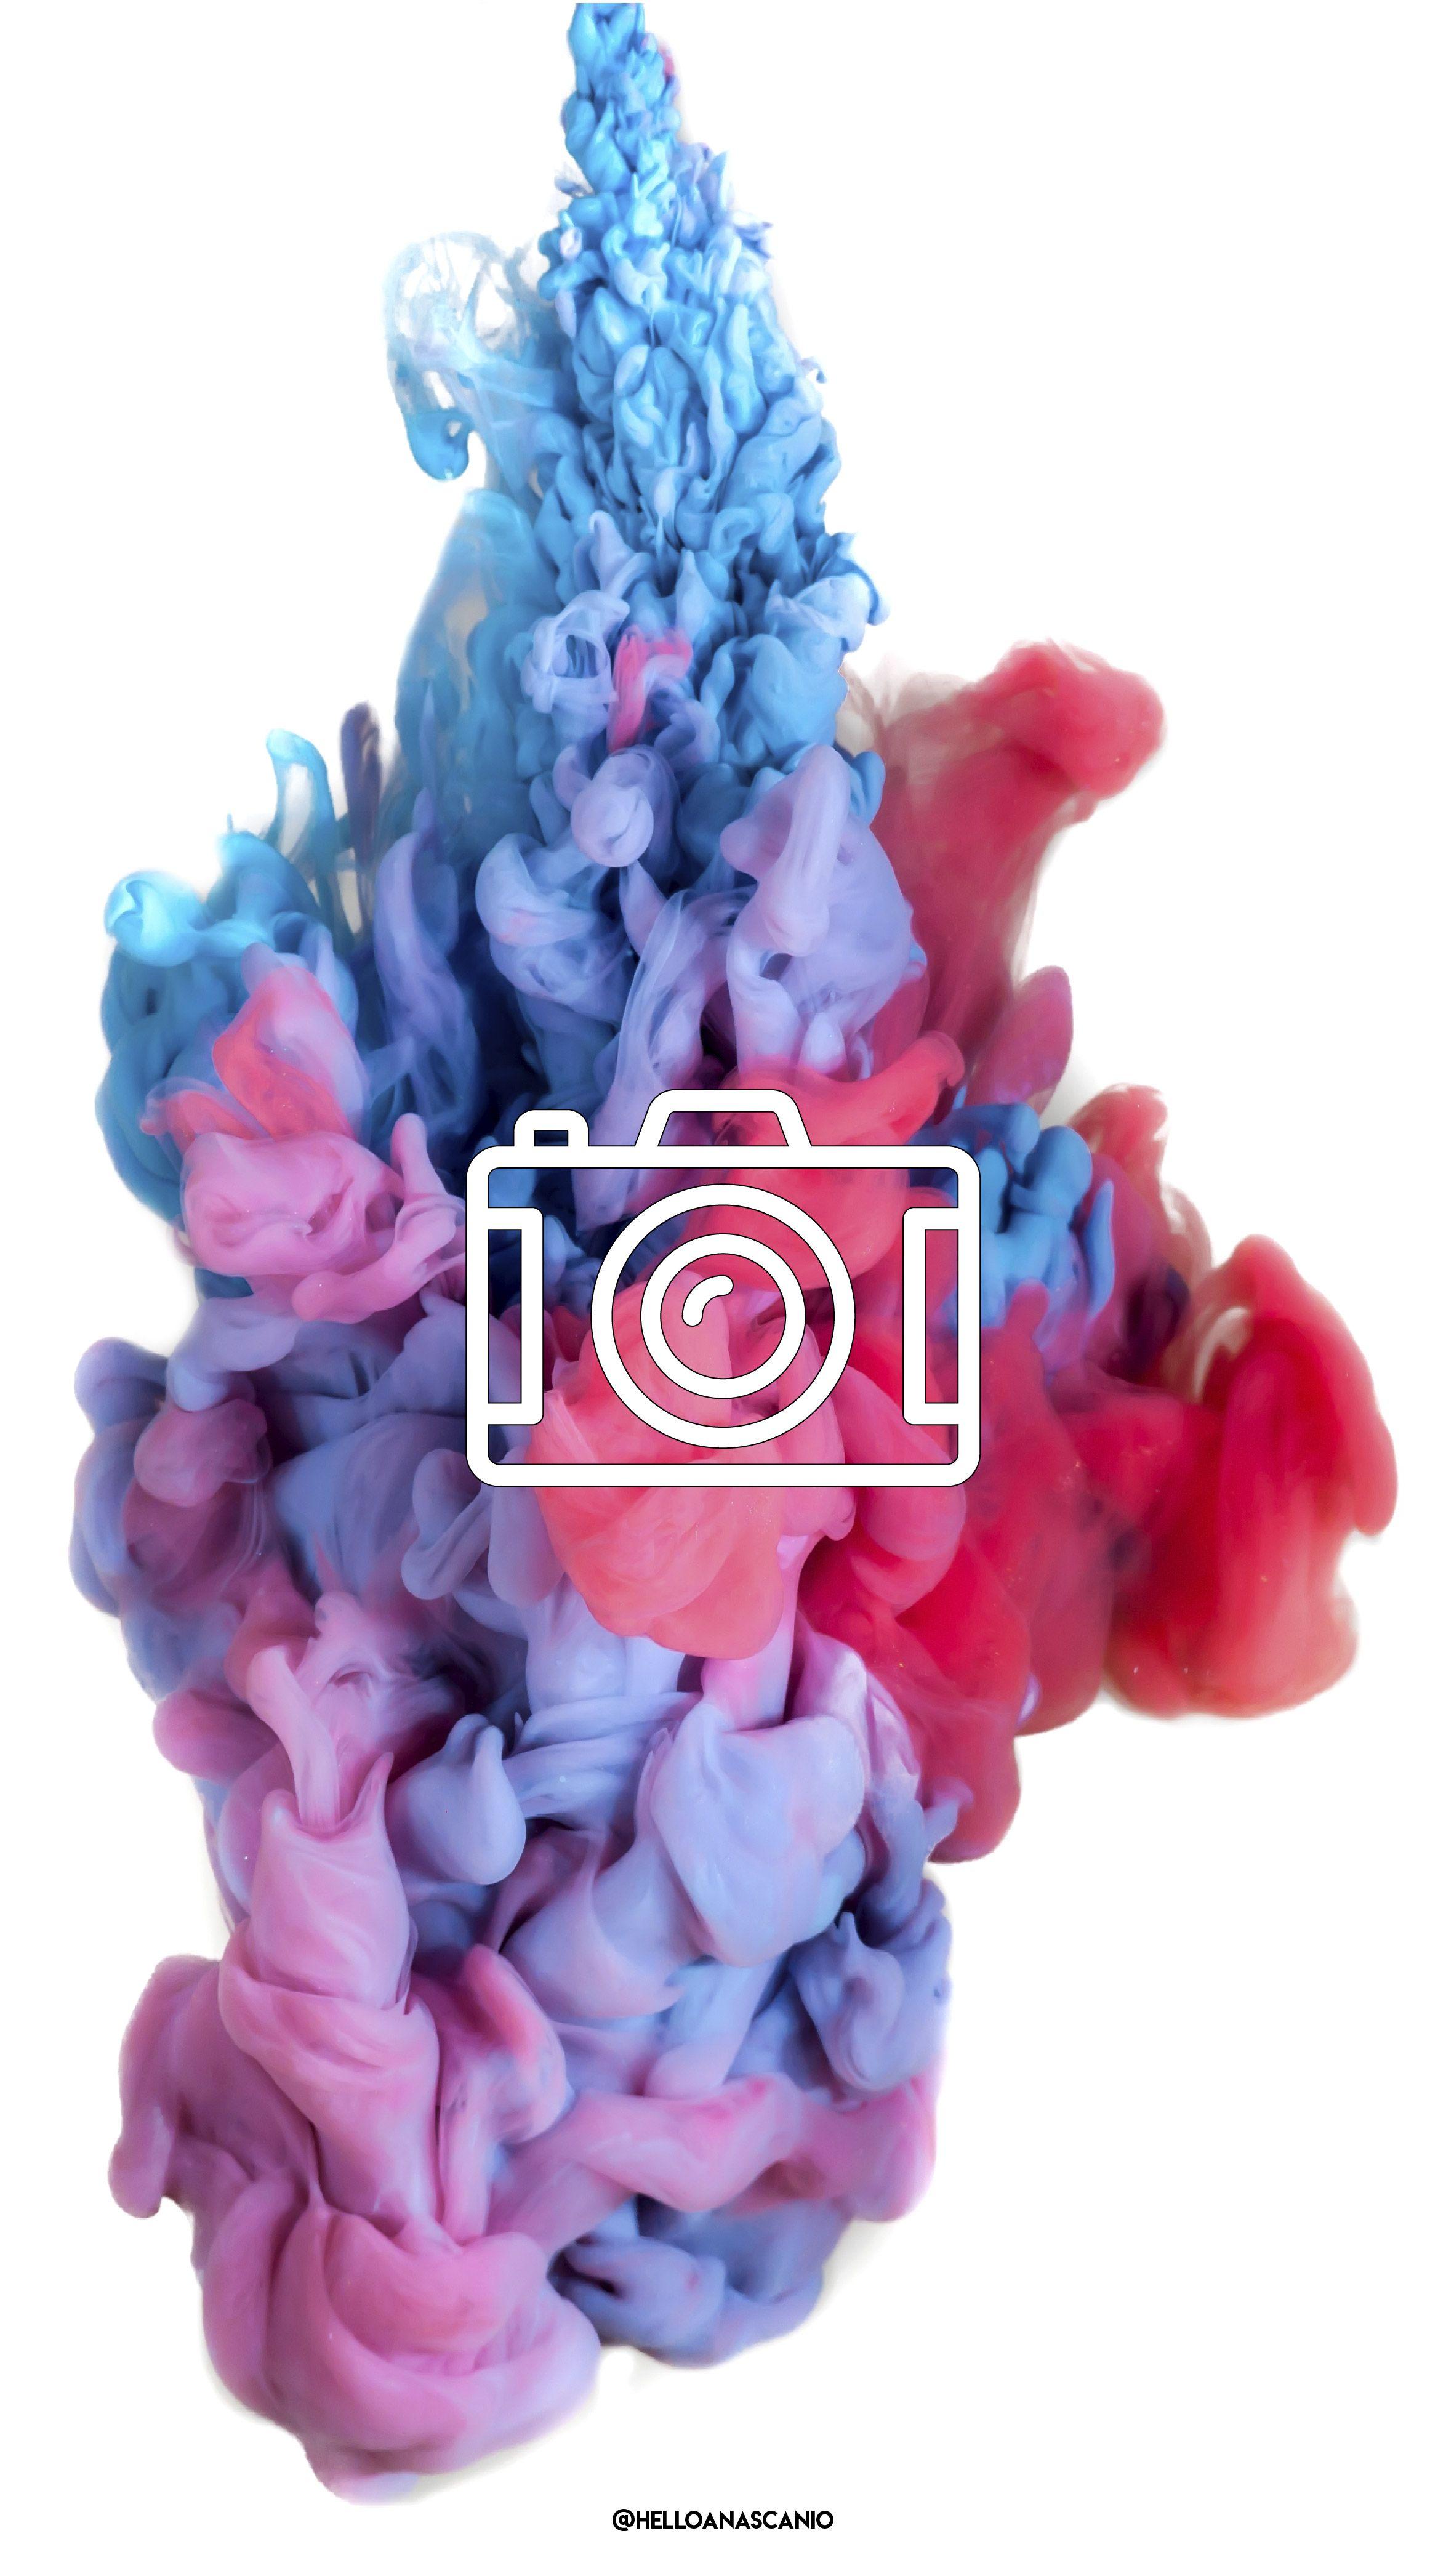 Instagram Story Highlights Icons Colorful Smoke Fondos De